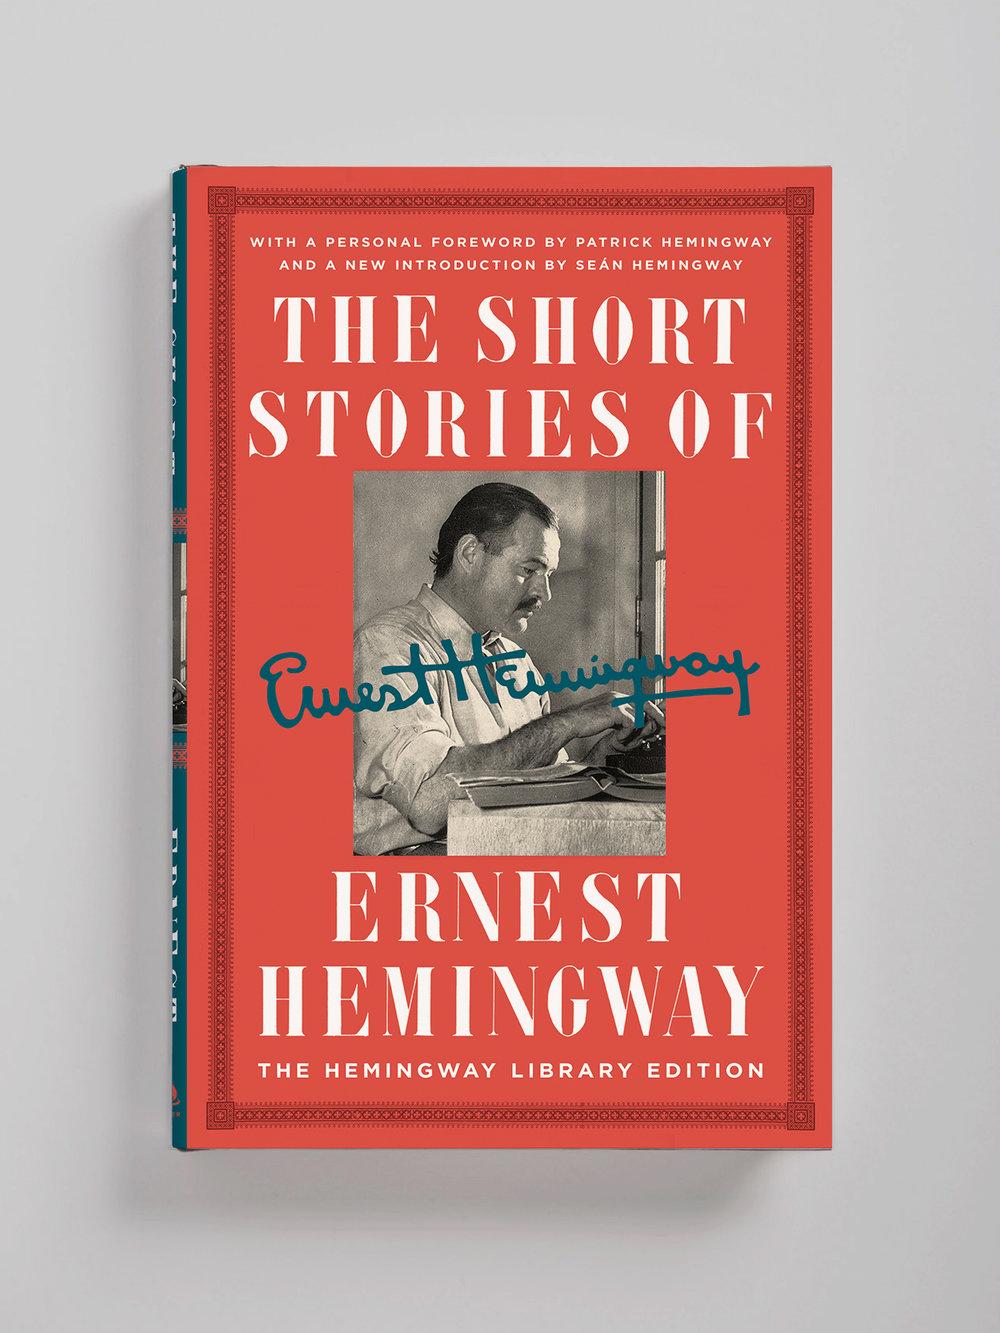 The Short Stories of Ernest Hemingway.jpg